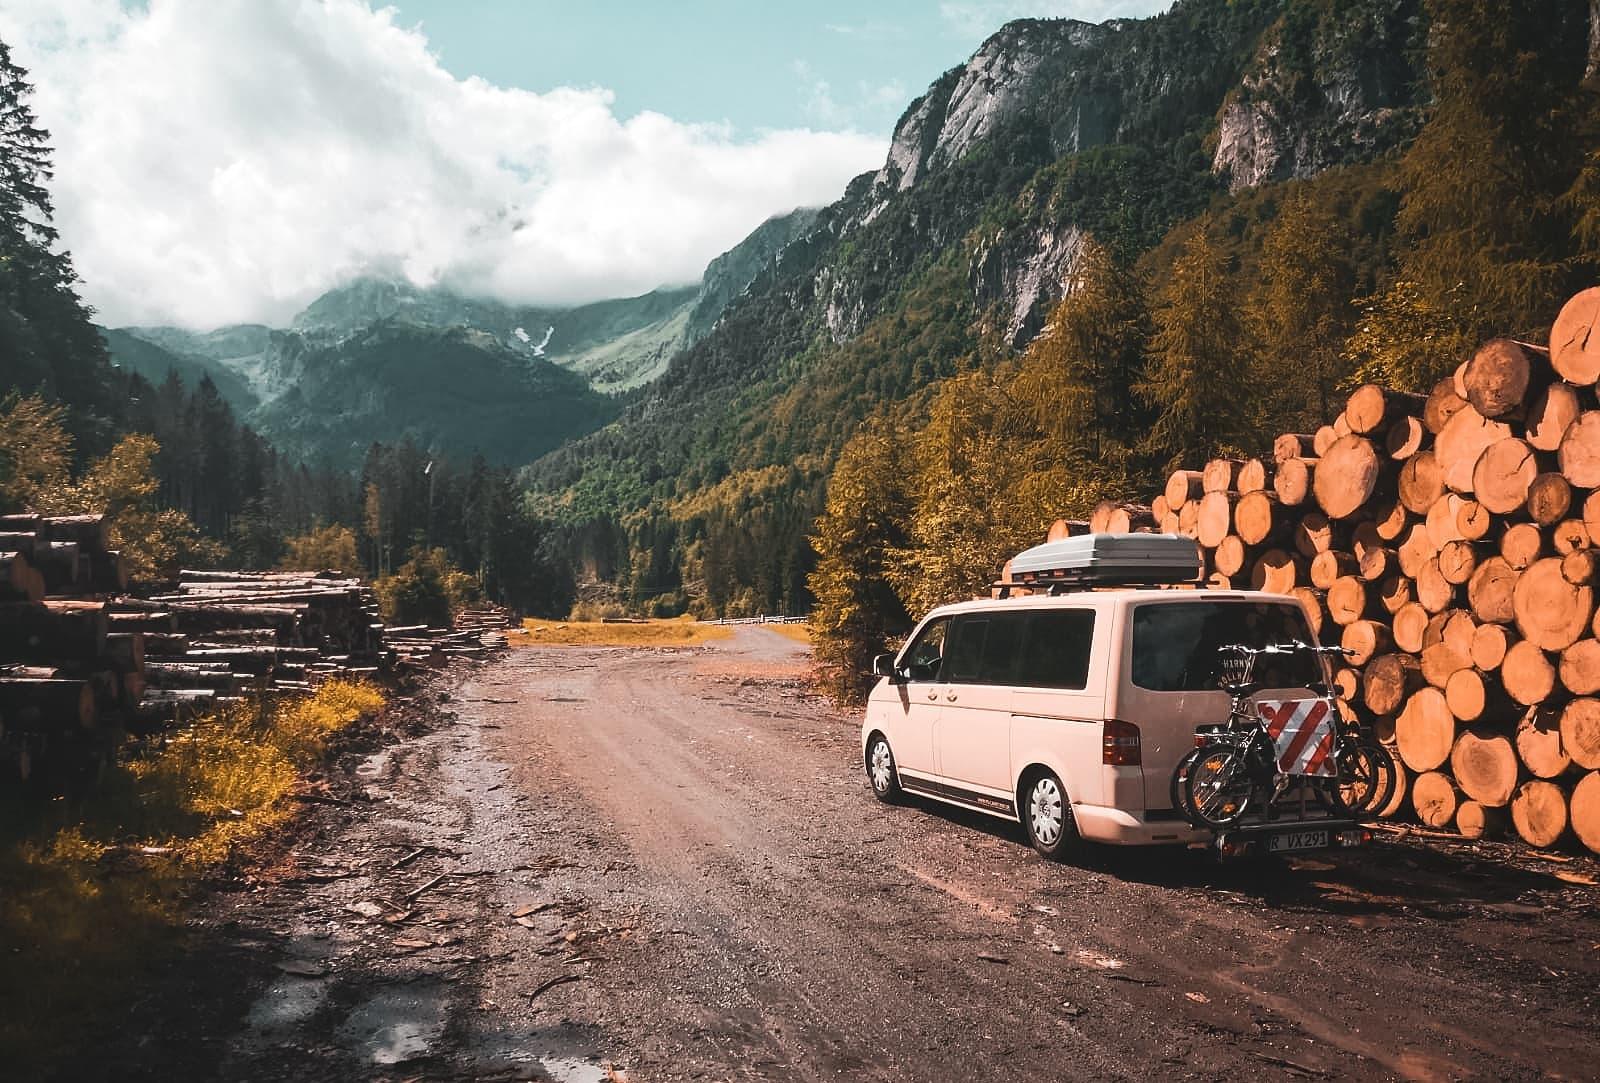 Umbau eines Taxi VW T5 zum Camper